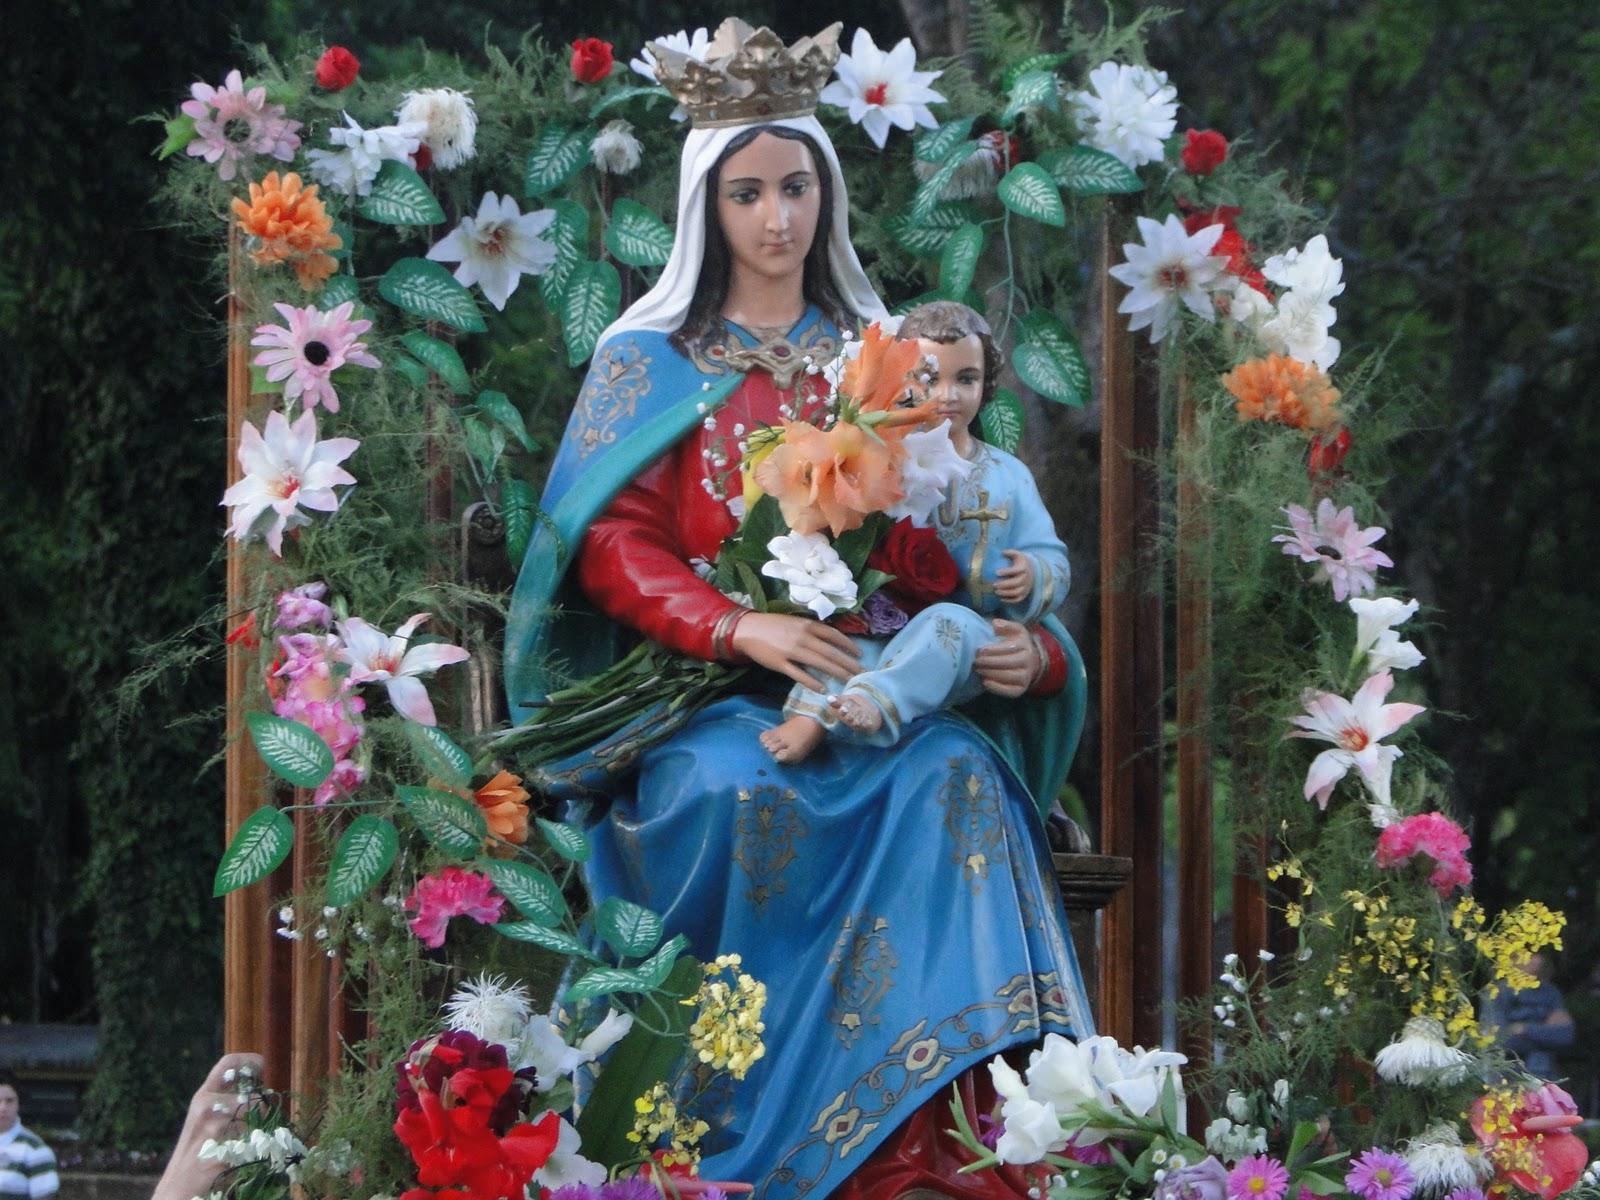 Nossa Senhora Da Saude: Paróquia Santíssima Trindade Nova Palma: Visita Da Imagem